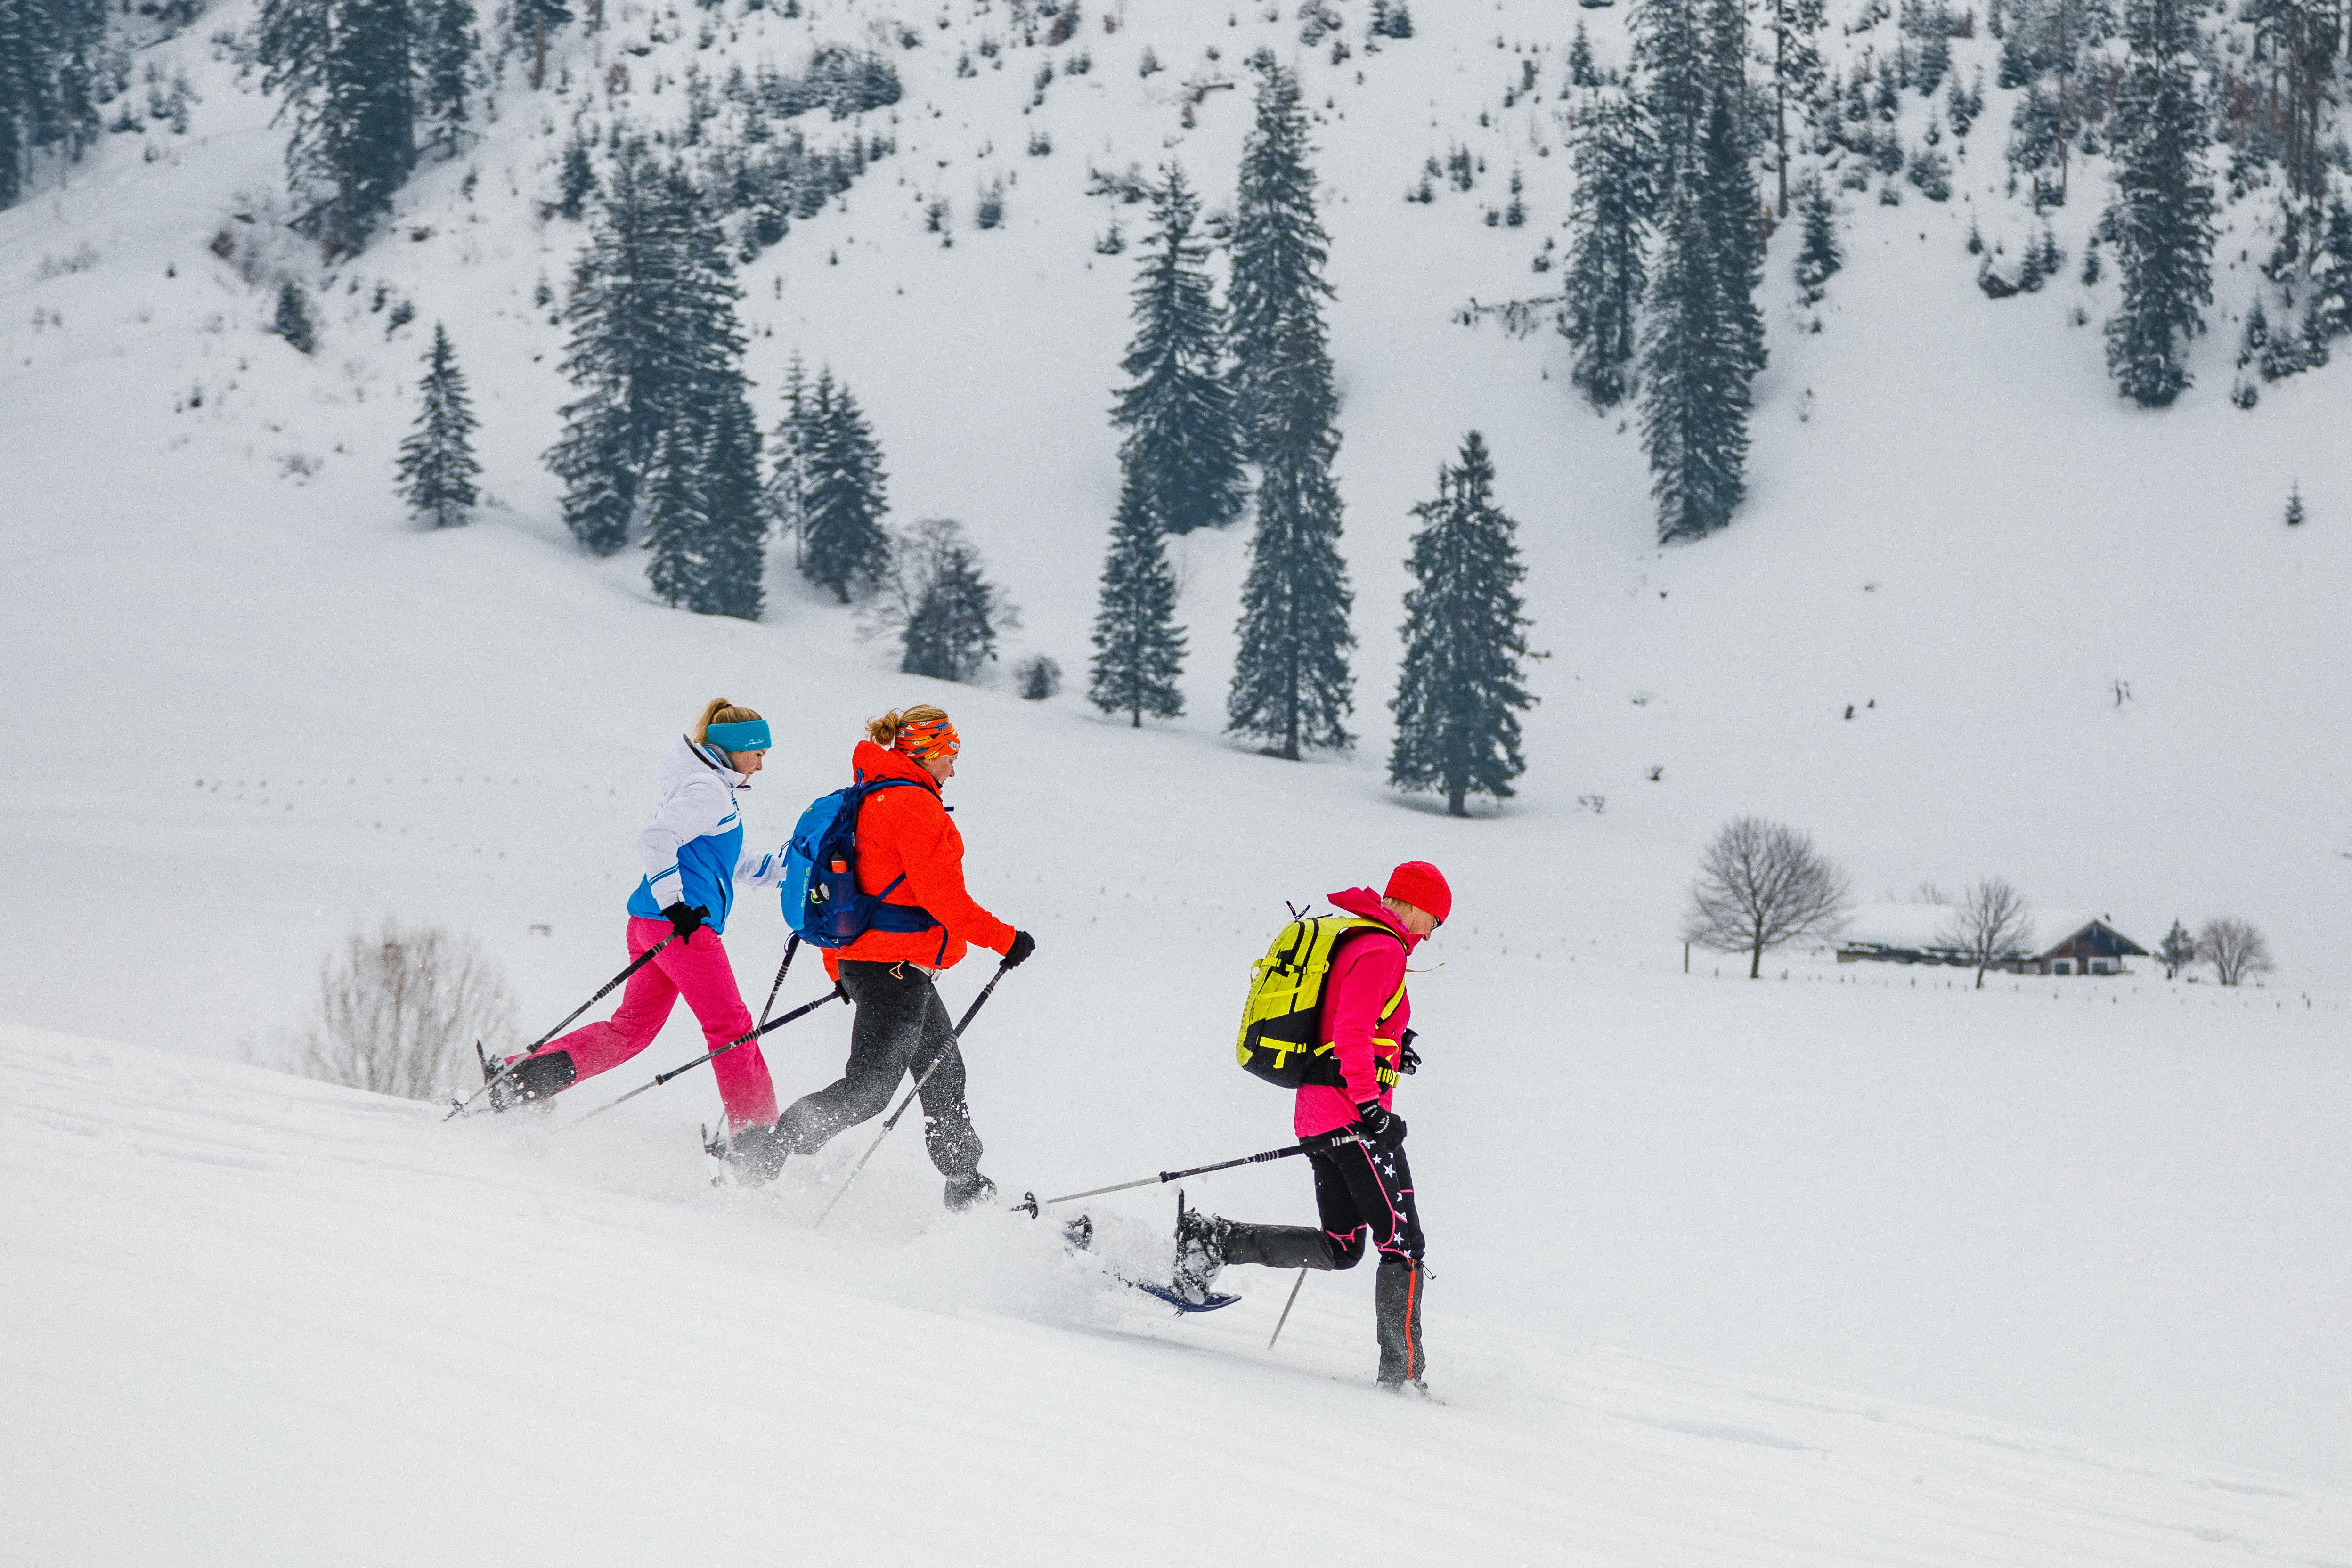 Schneeschuhwanderung für Jedermann mit gemütlicher Einkehr